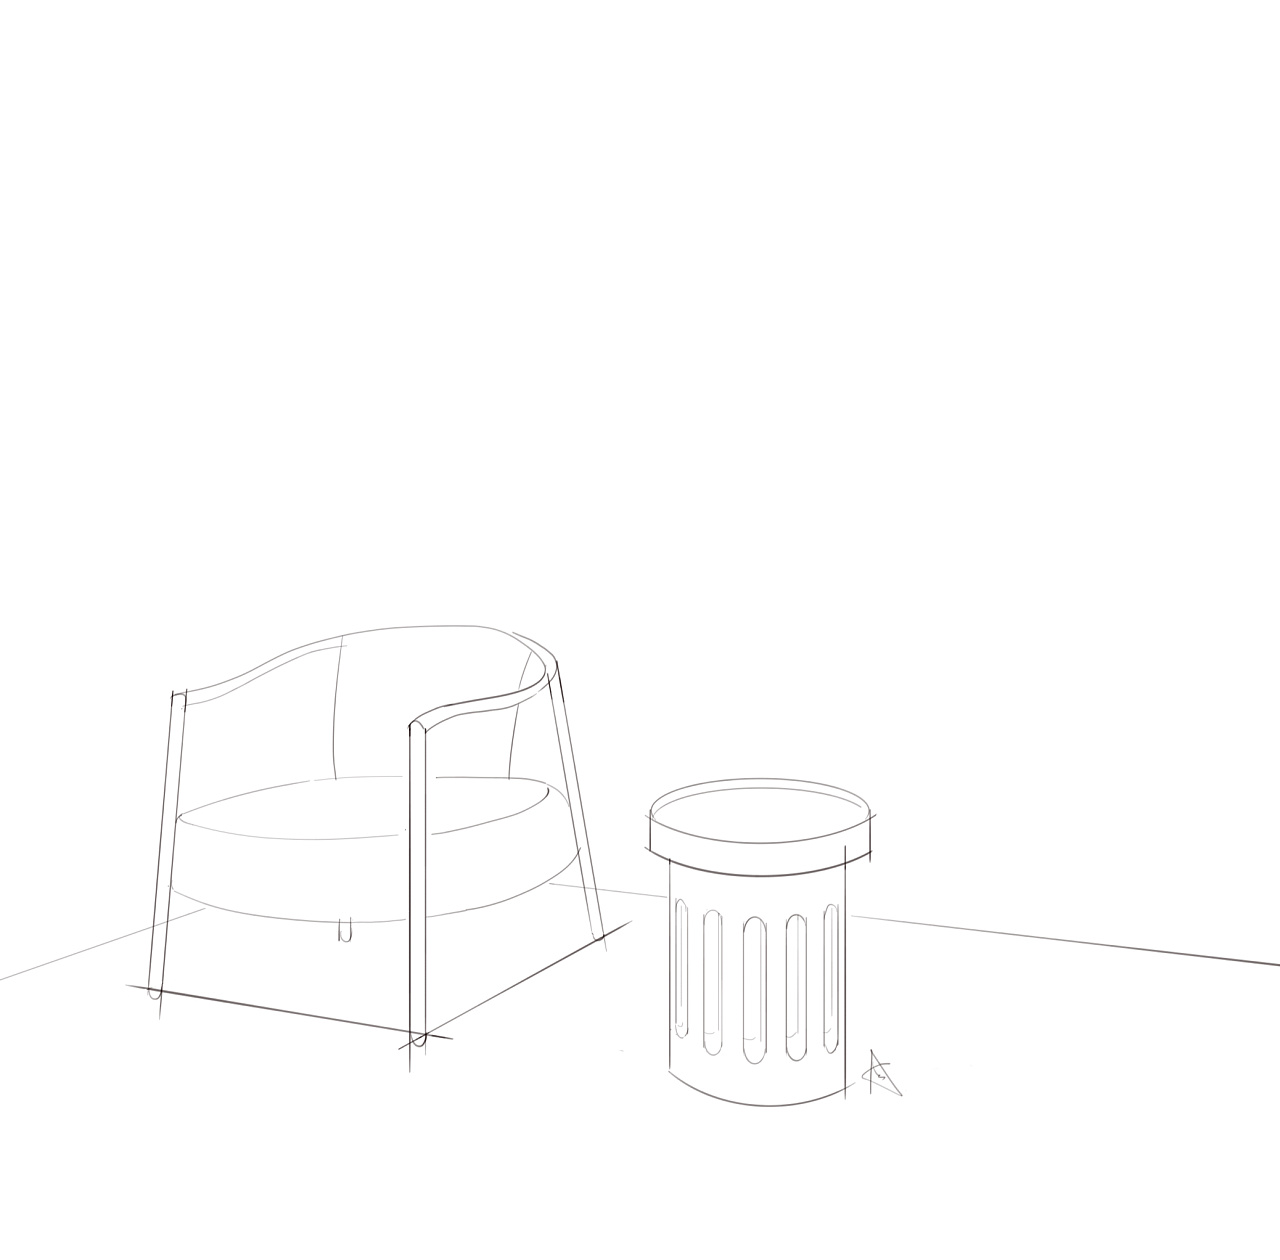 单体线稿(手绘)